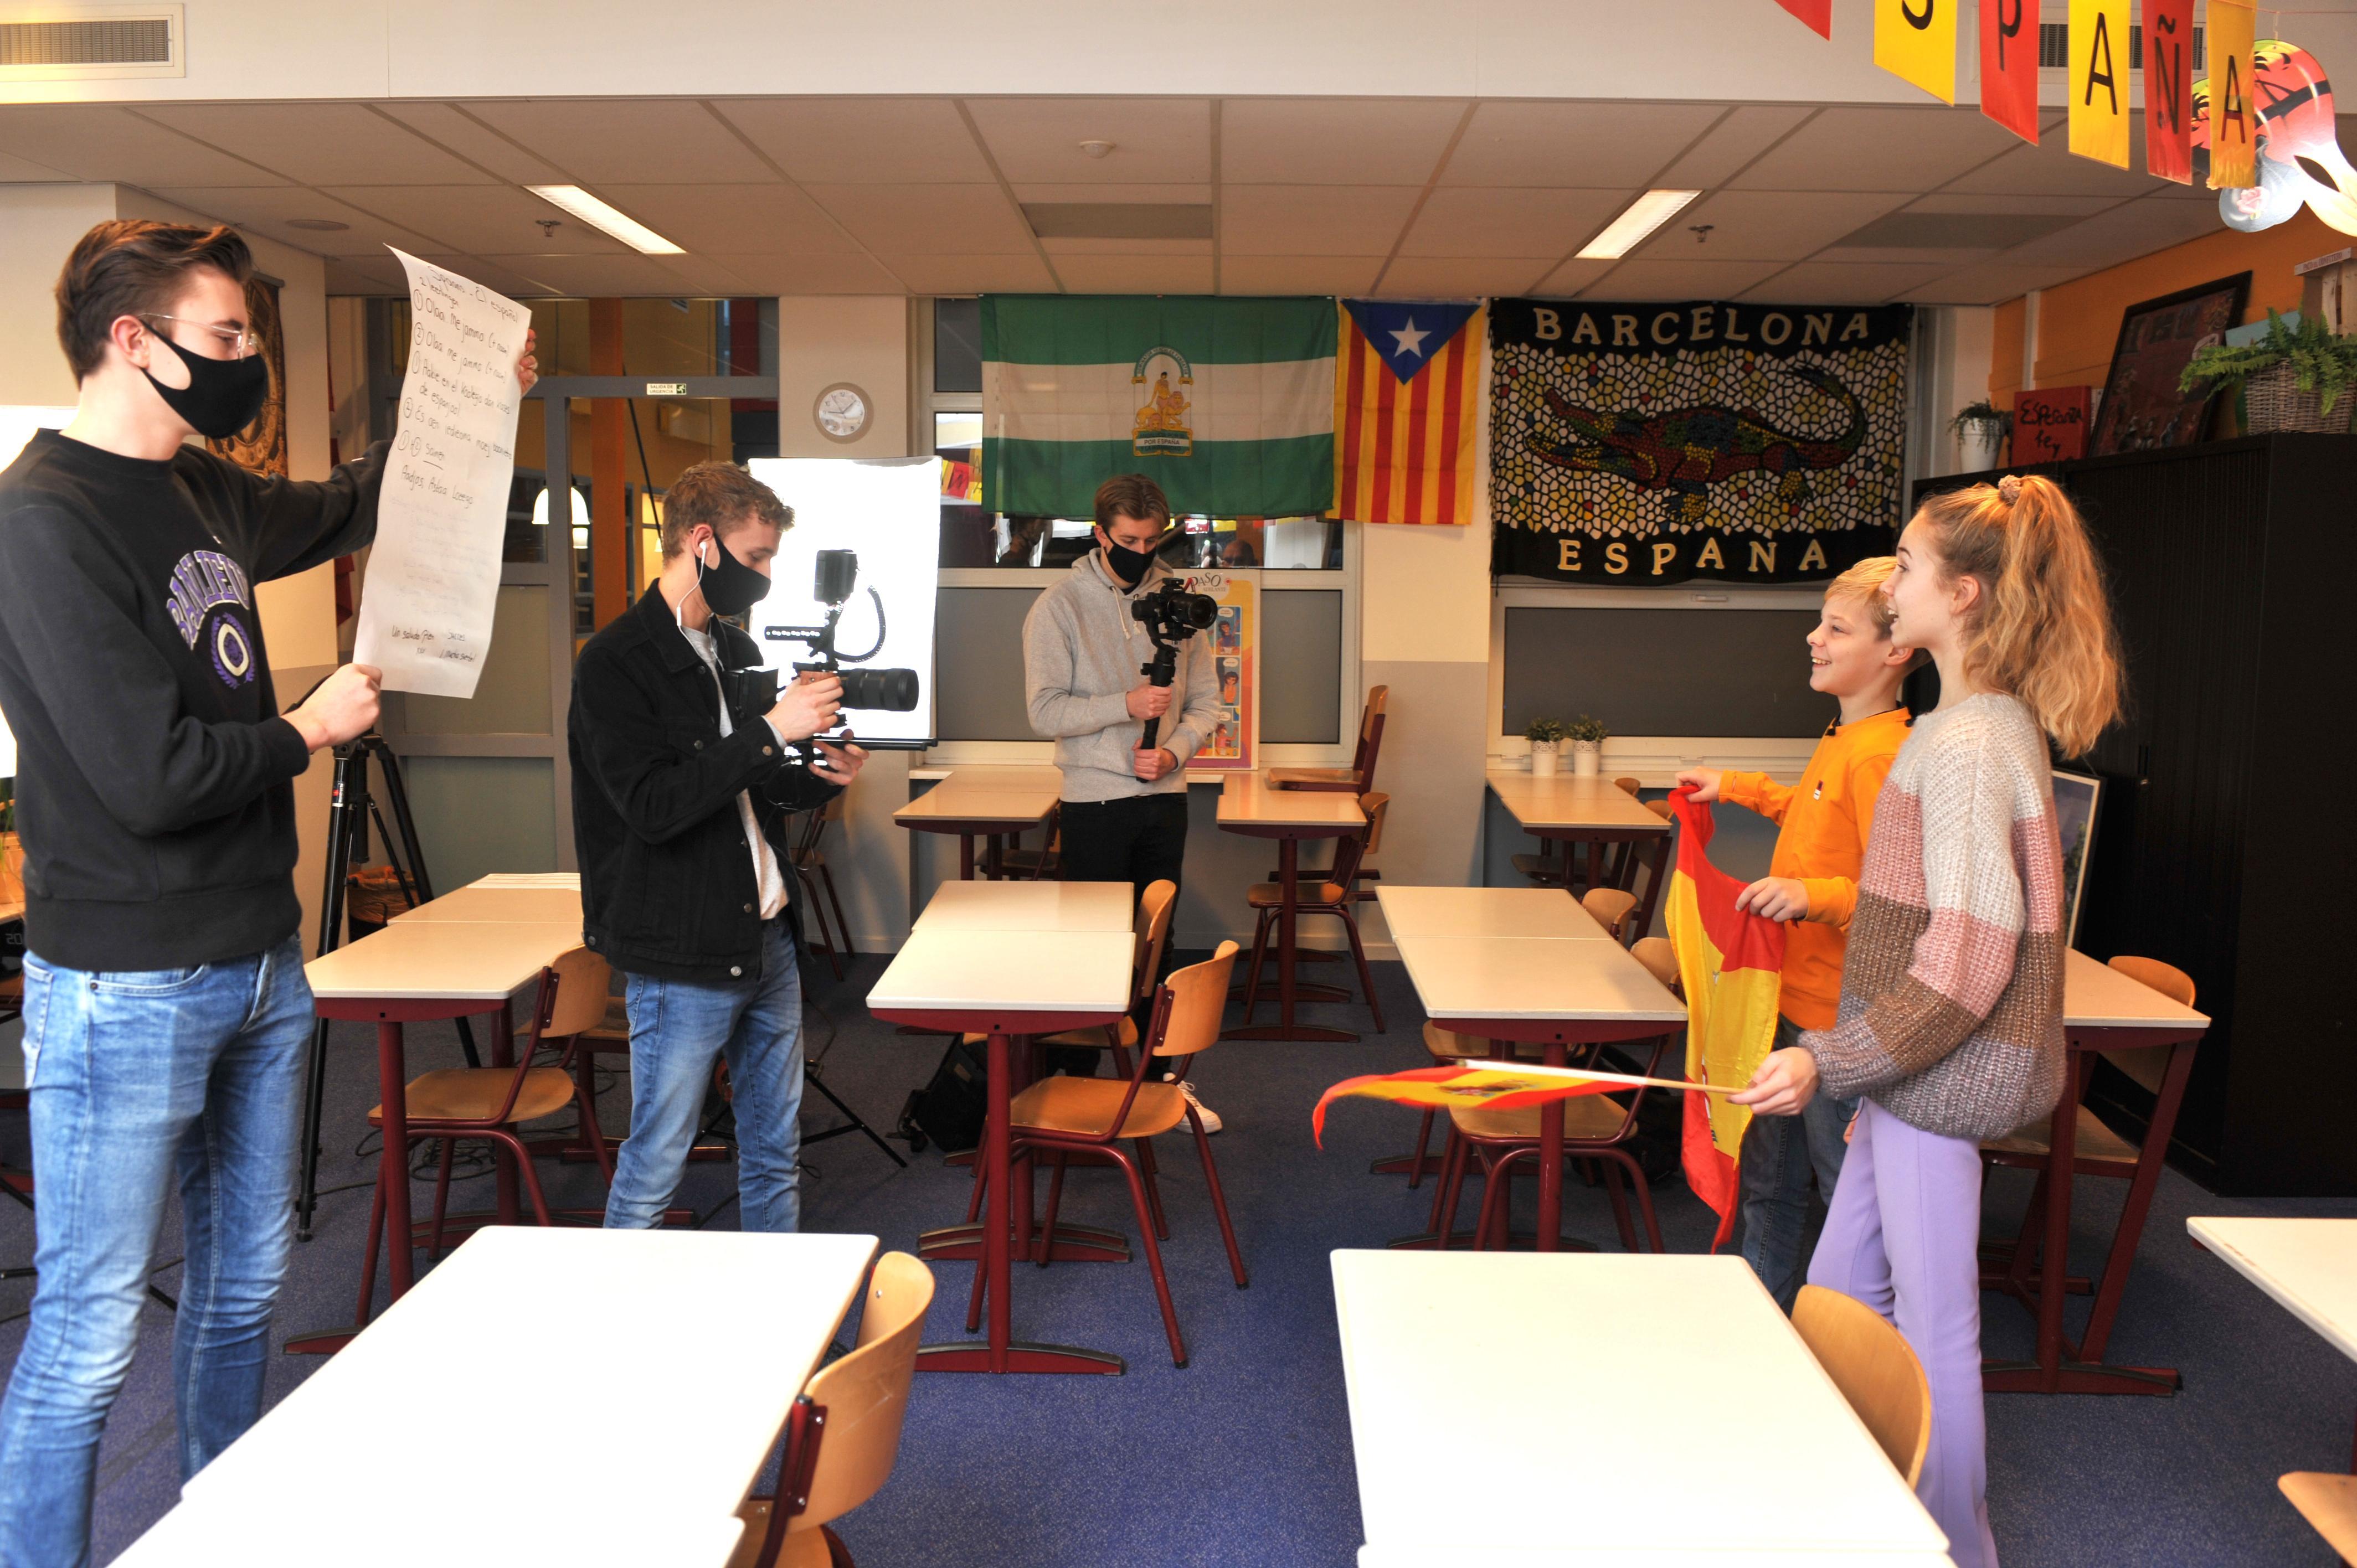 Fien en Petter zijn te zien in film van Kennemer College Beverwijk voor open dag. 'Zijn jullie er helemaal klaar voor? 3, 2, 1, actie!'